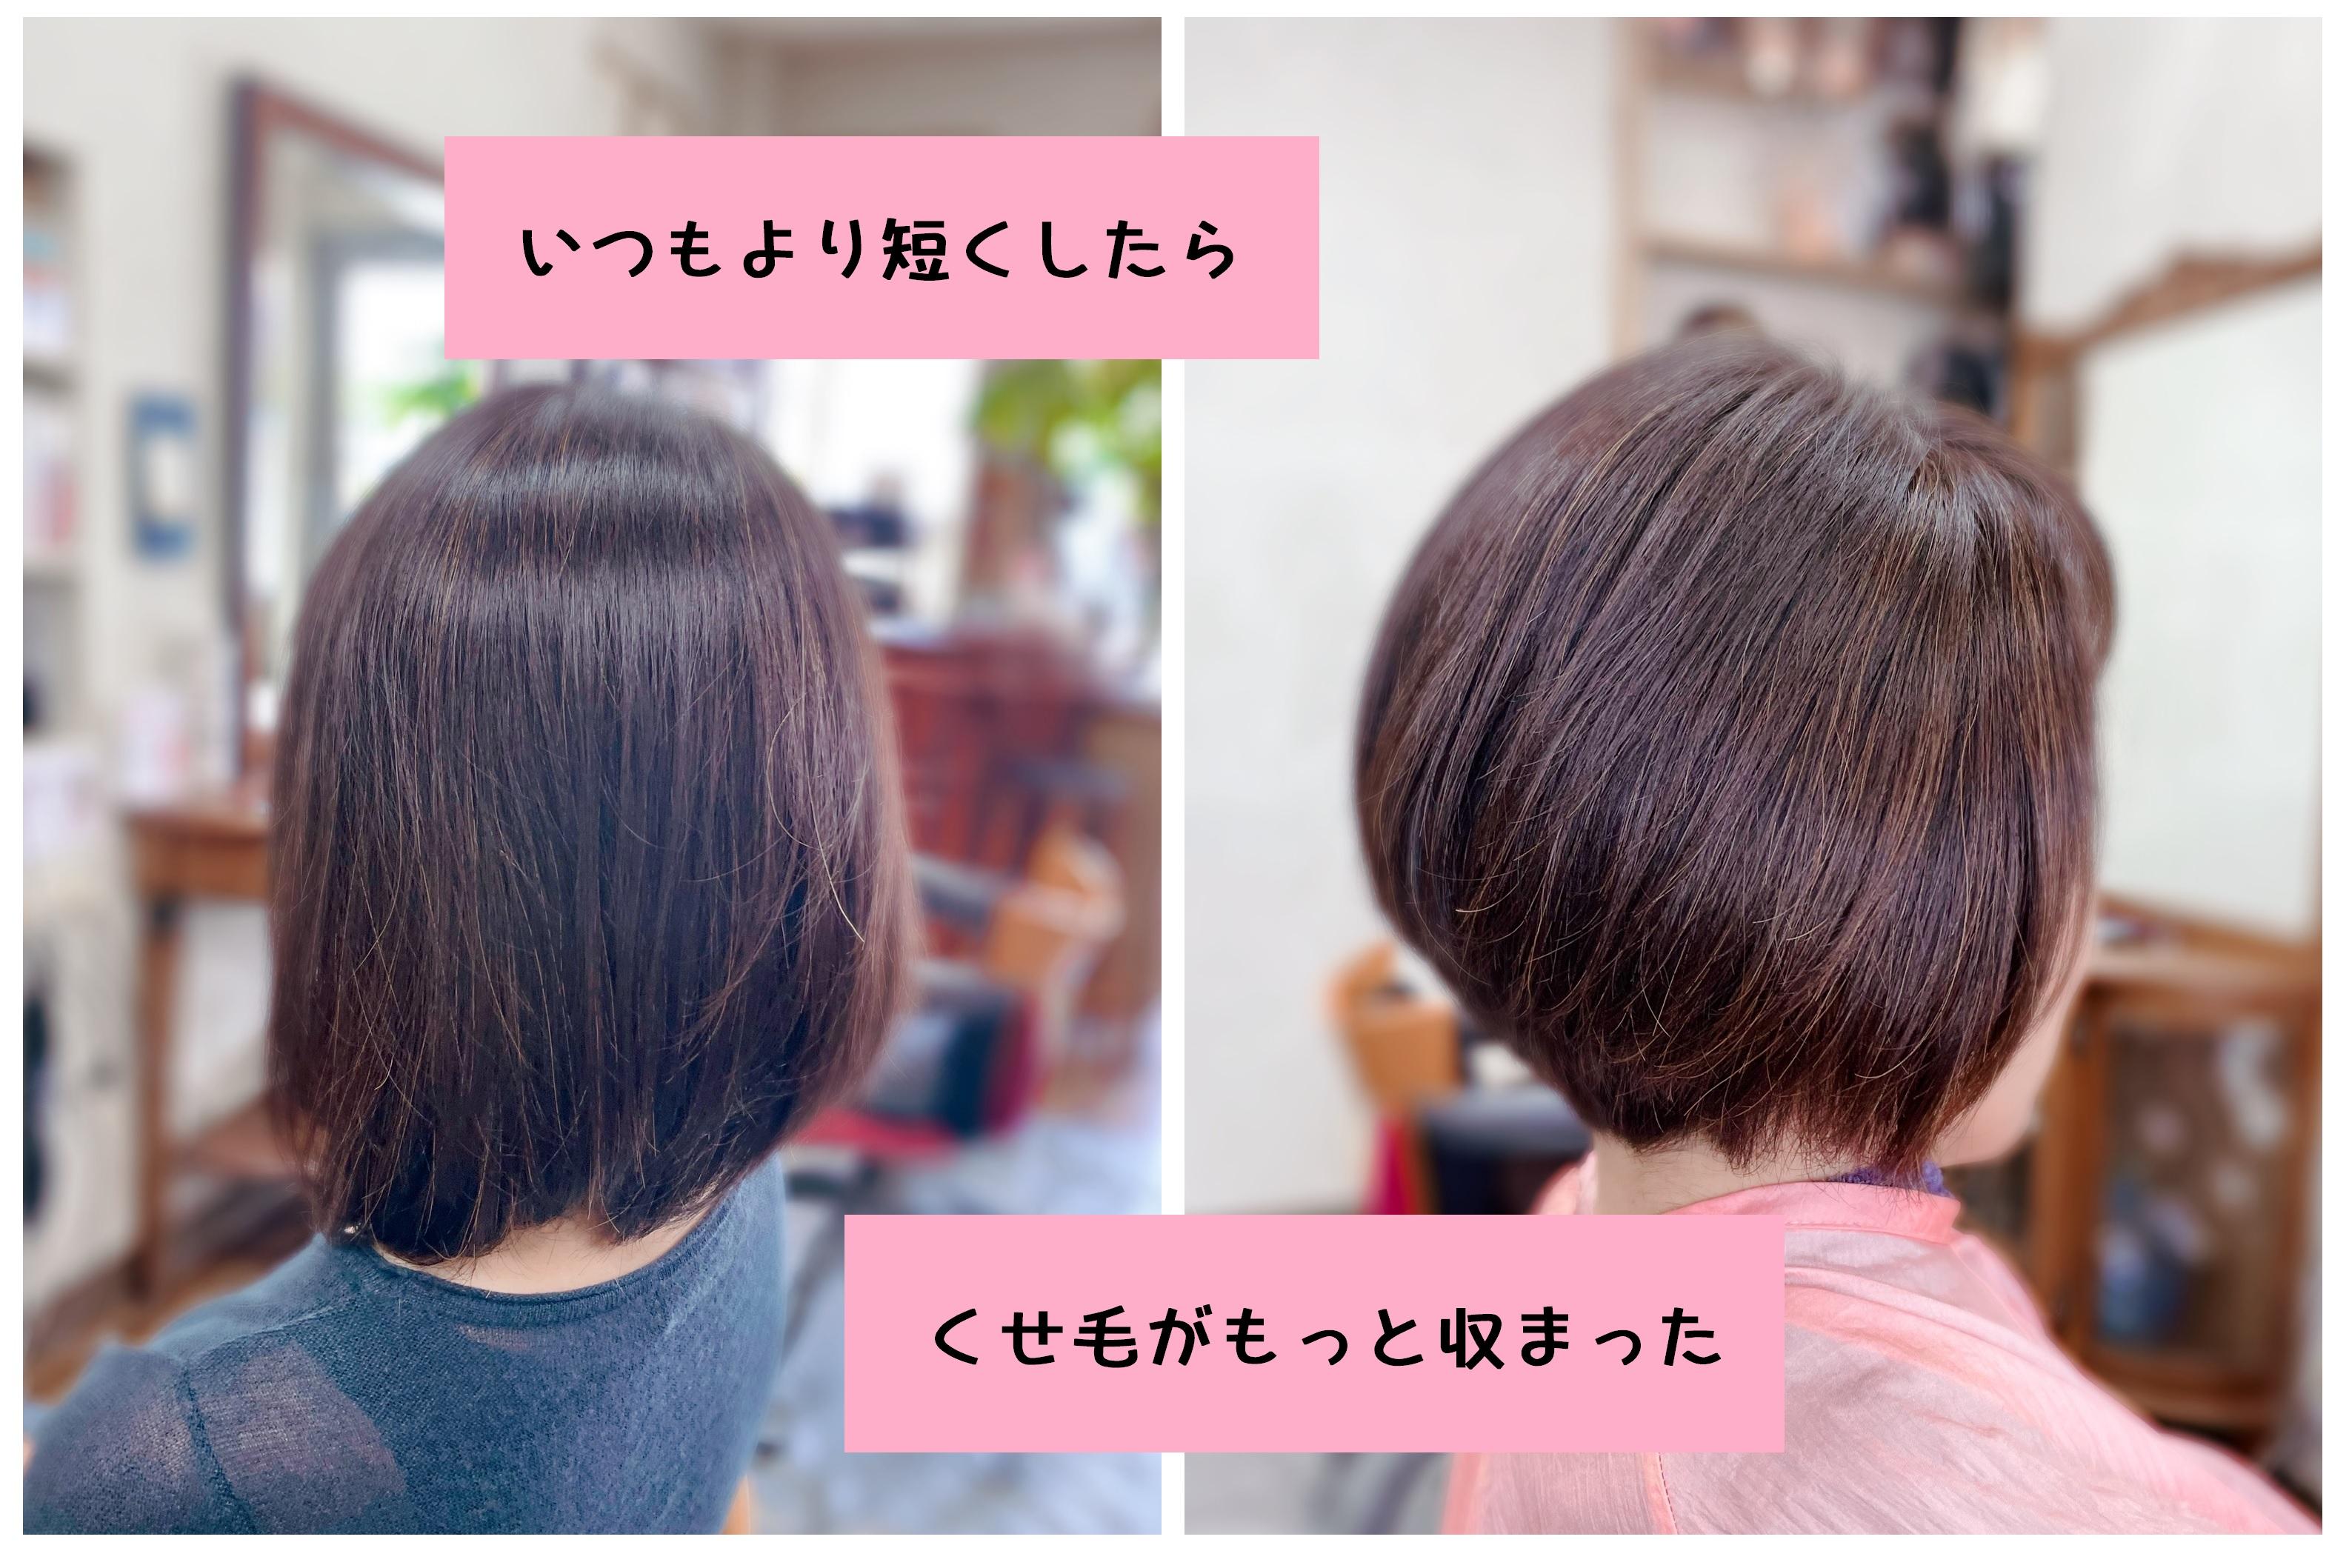 #キュビズムカット #キュビズムボブ #髪の毛に意思がある #グラボブ #美らヘナ #おうちヘナ